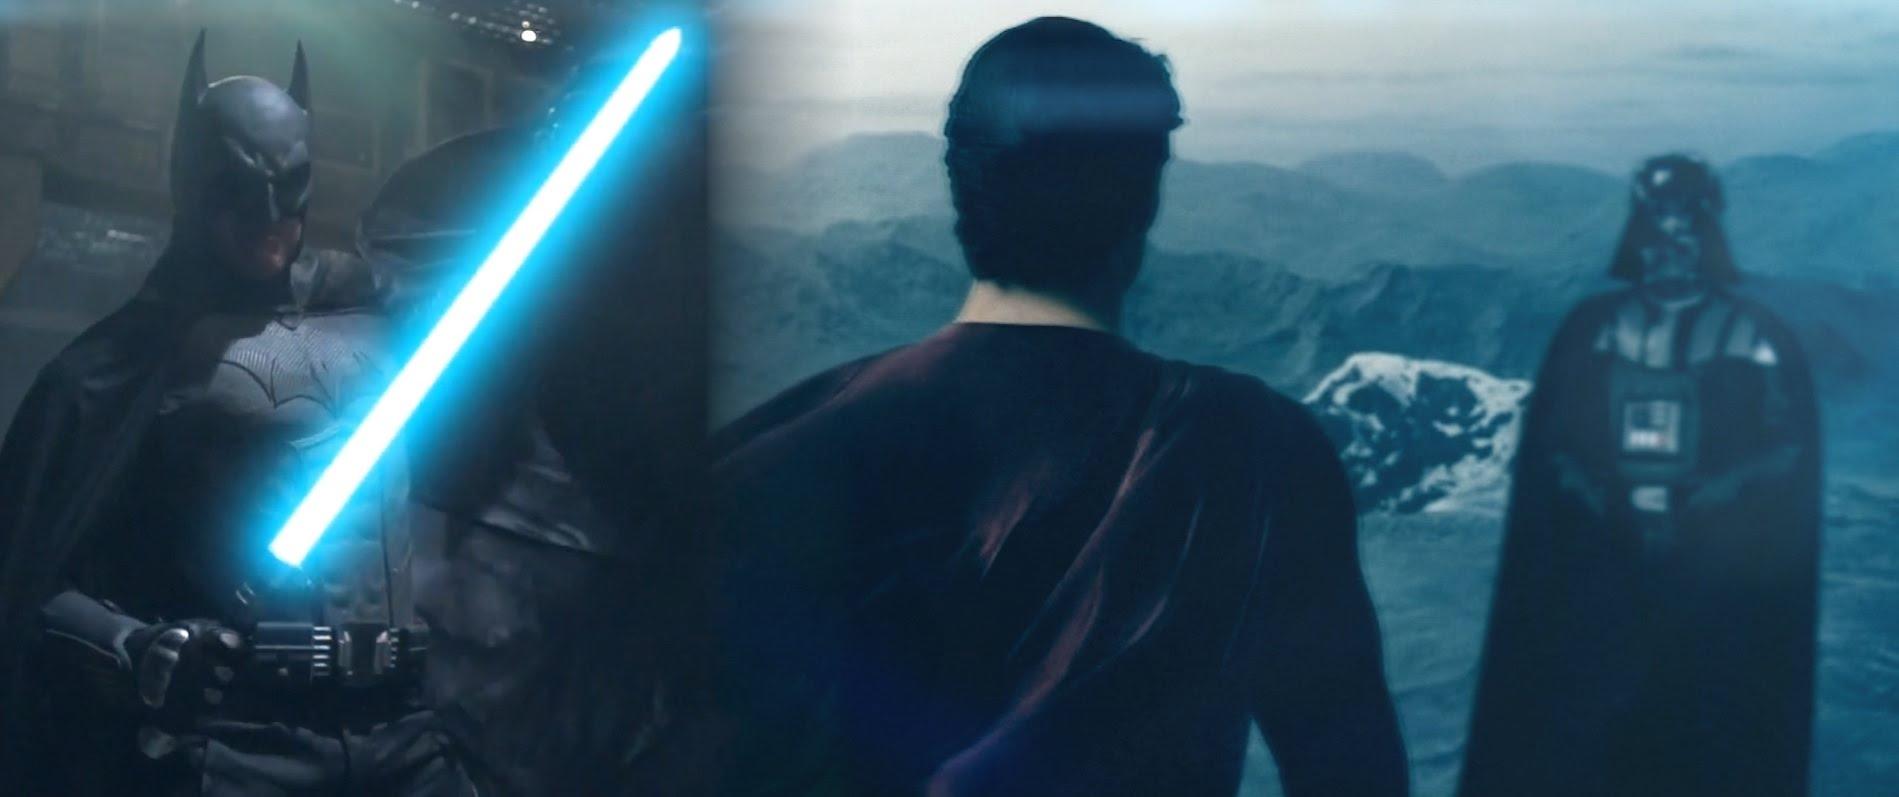 Star Wars vs DC Marvel